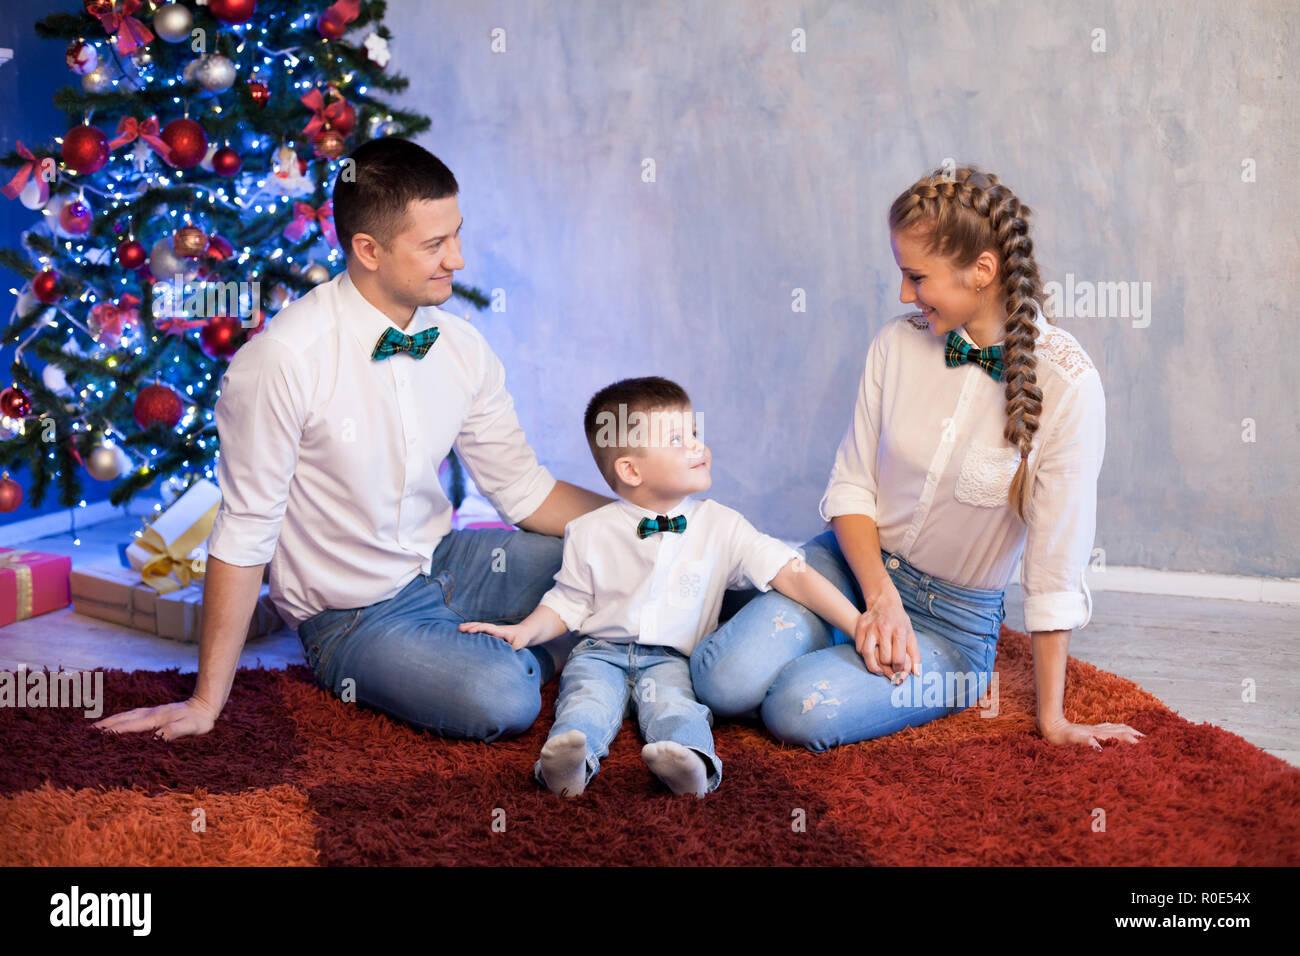 Regali Di Natale Per Un Papa.Mamma E Papa Di Un Ragazzino Aprire I Regali Di Natale Per Il Nuovo